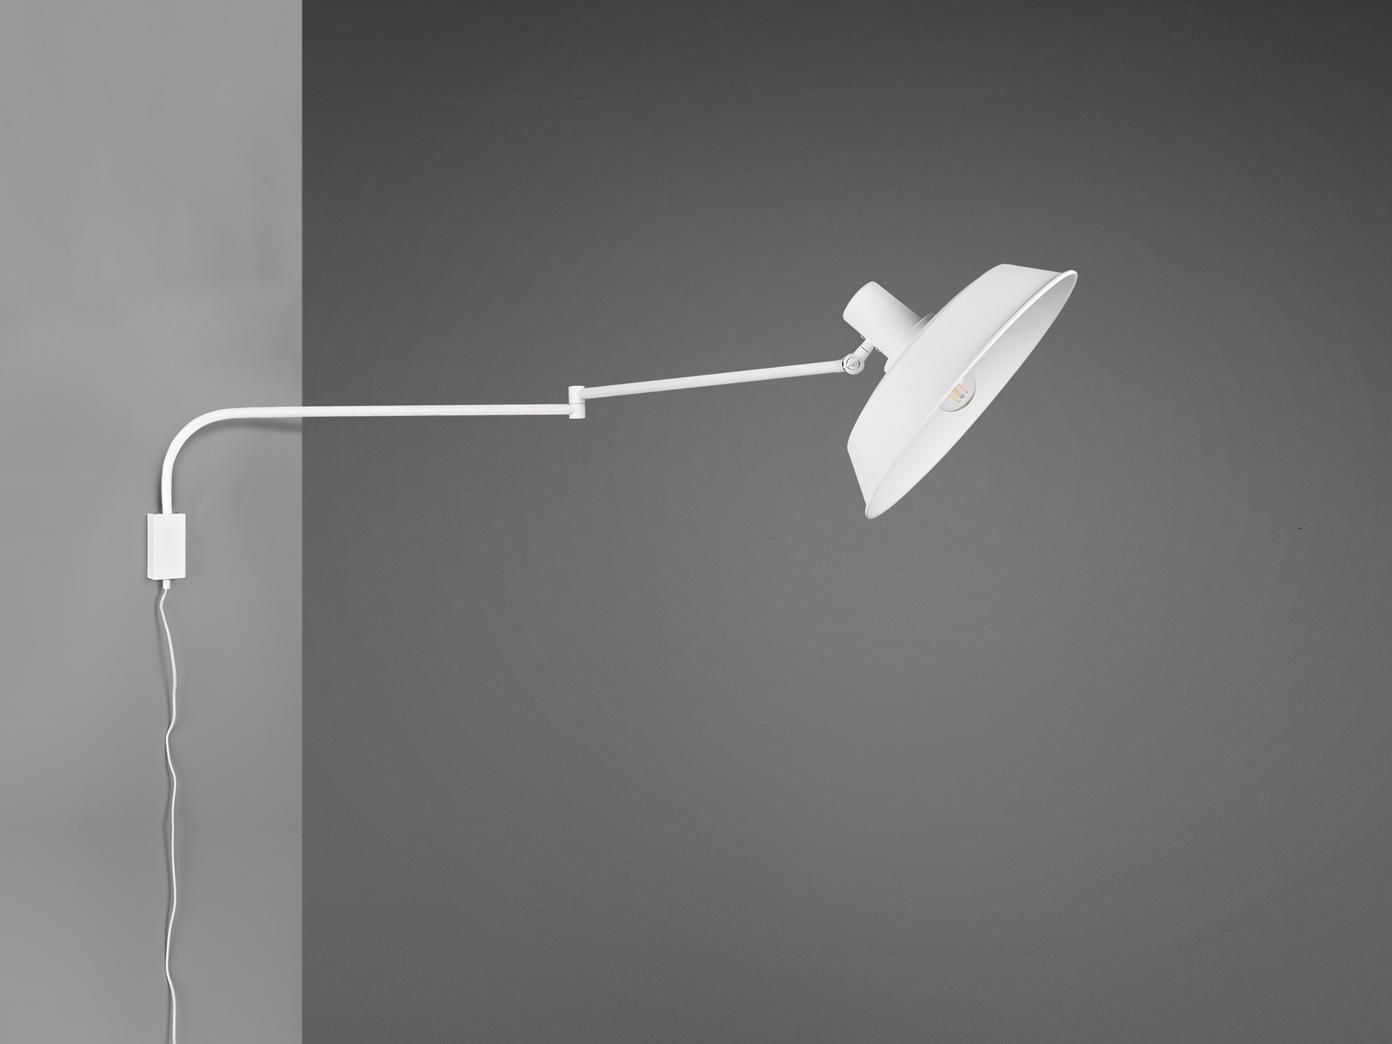 Hängende Wandlampe Schwenkarmleuchte mit Metallschirm Kabel Schalter und  Stecker   yatego.com